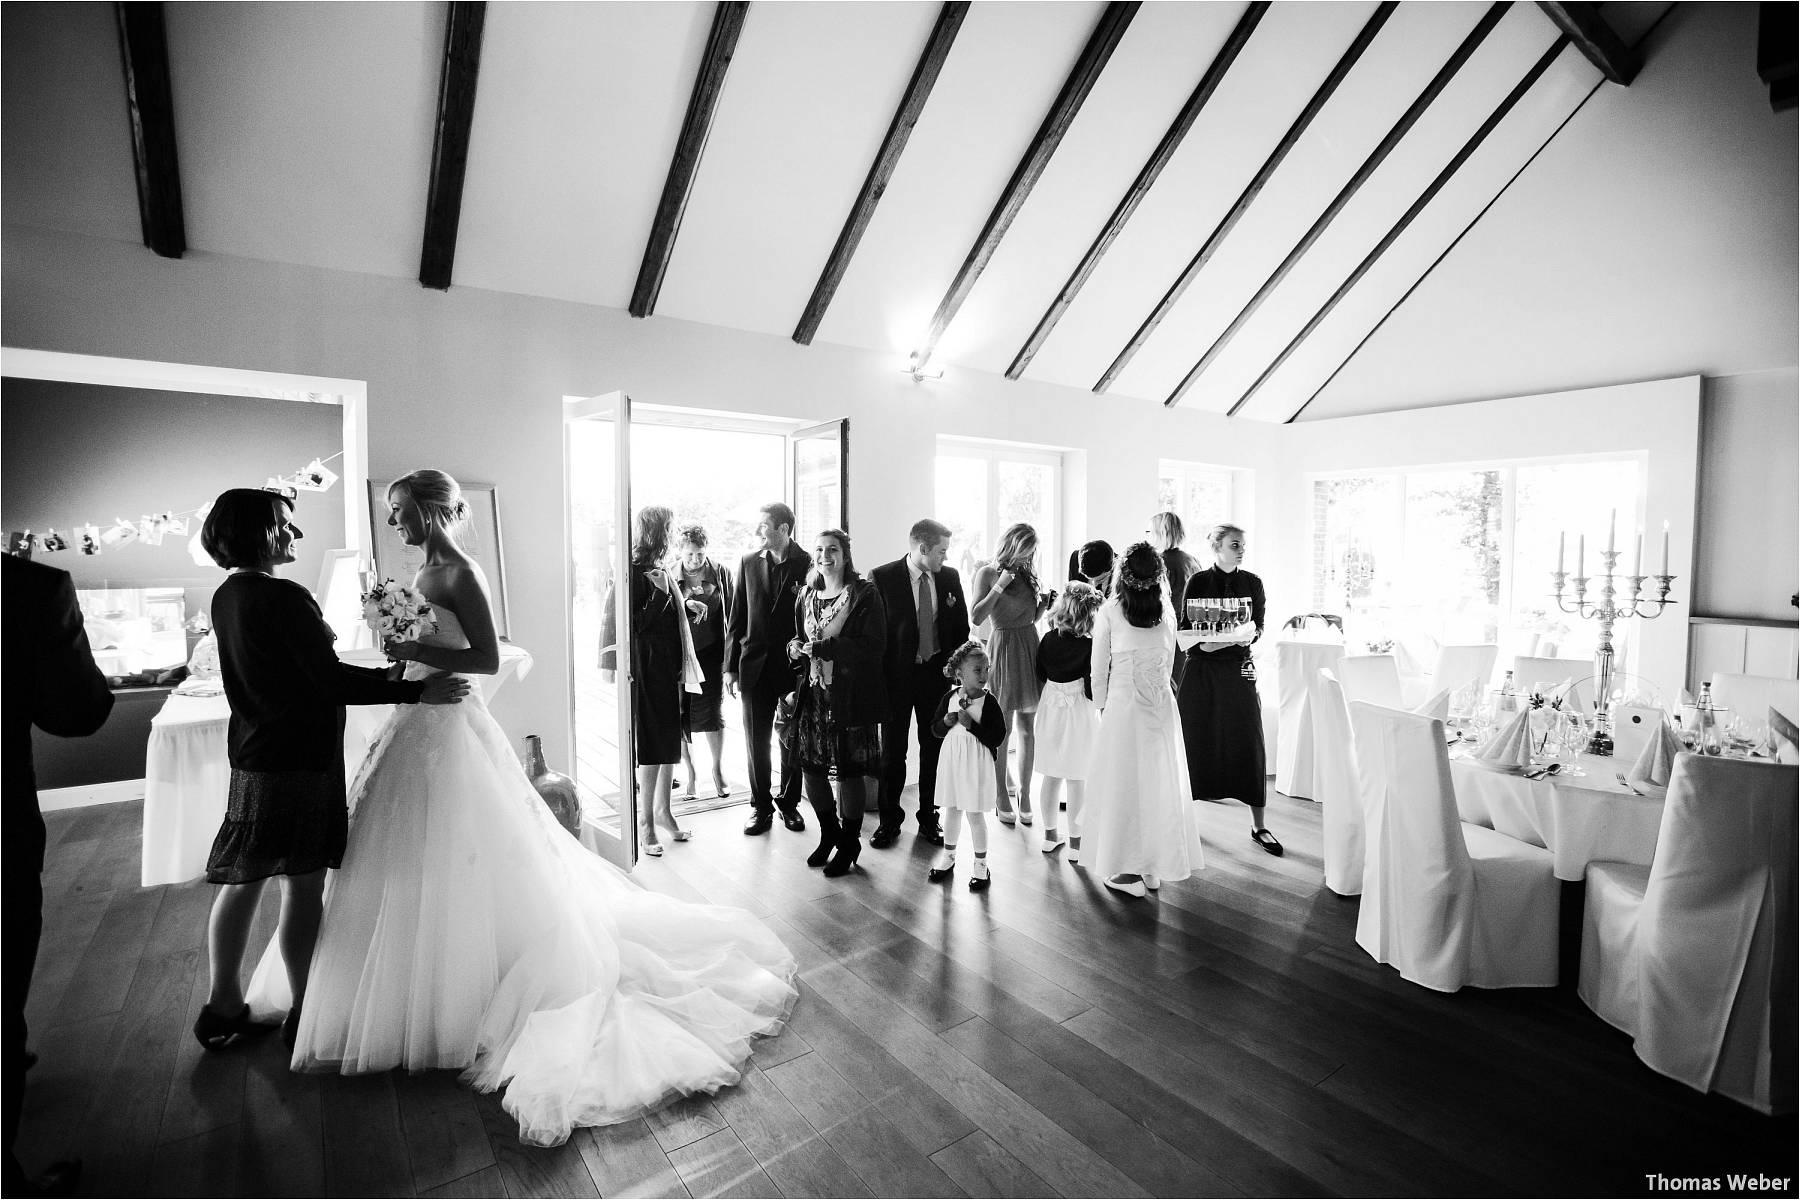 Hochzeitsfotograf Oldenburg: Hochzeit im Zollhaus und in der Eventscheune St. Georg in Rastede (33)